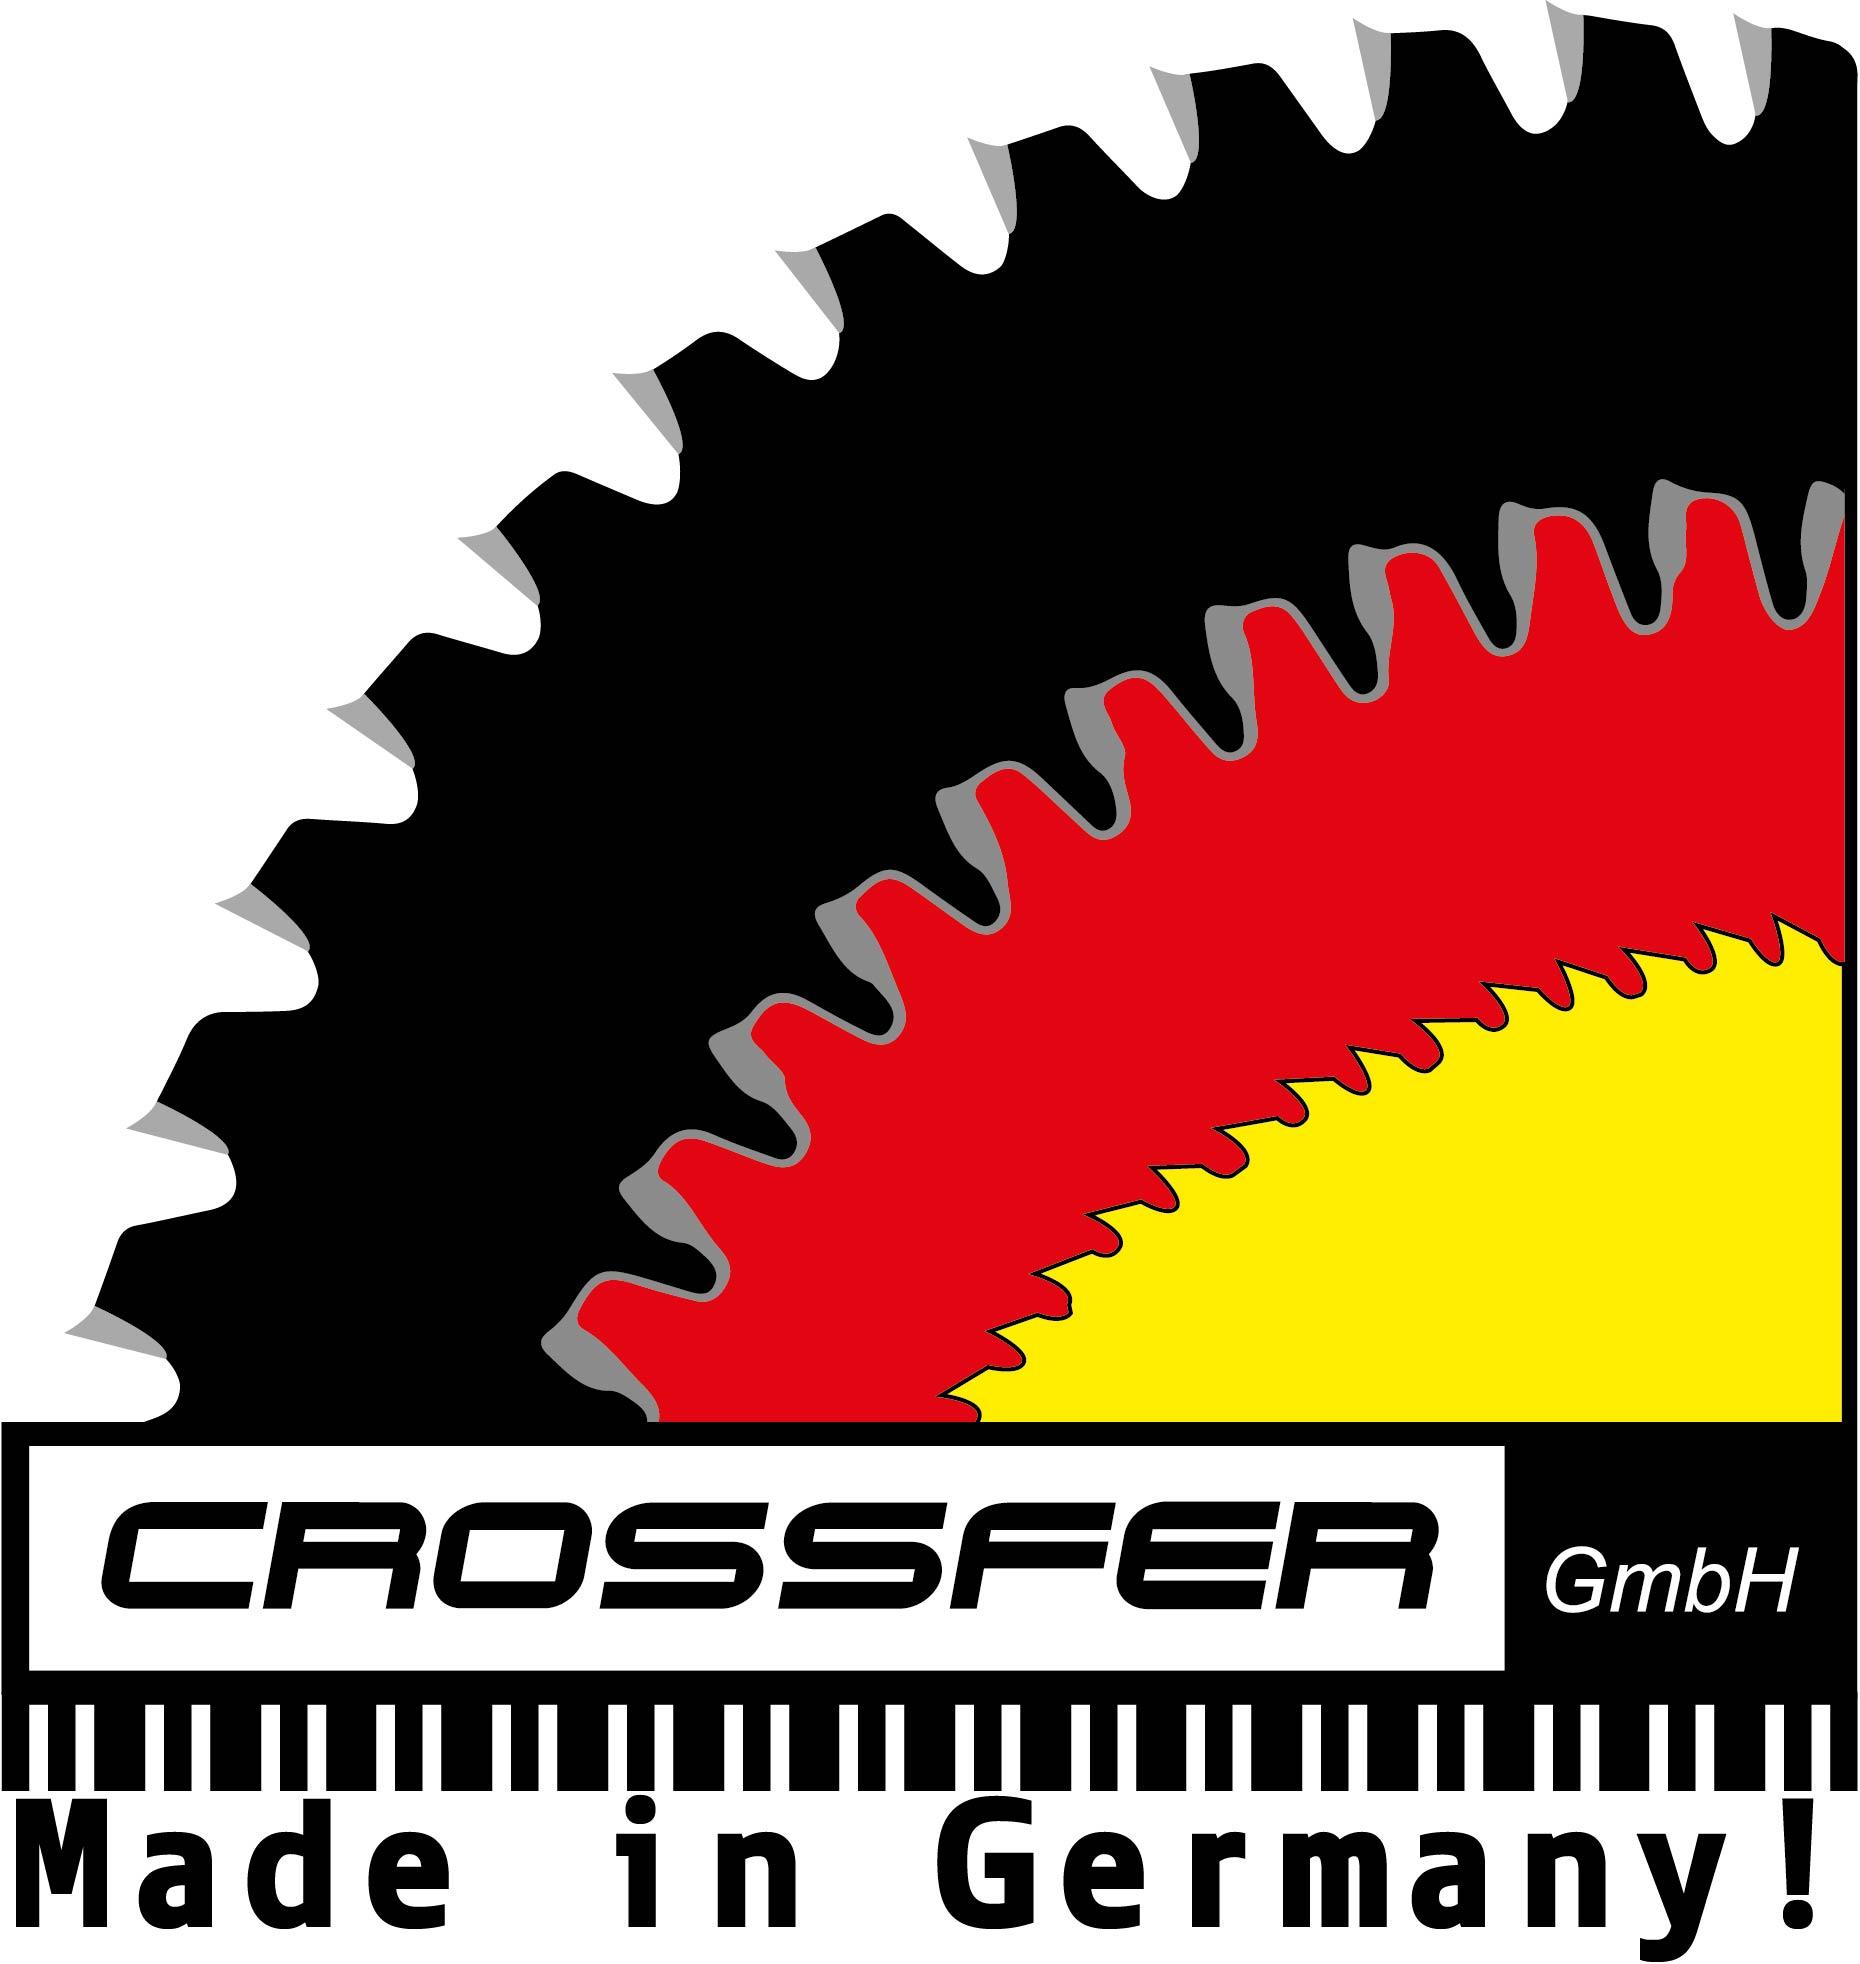 Crossfer Sägeblätter Made in Germany